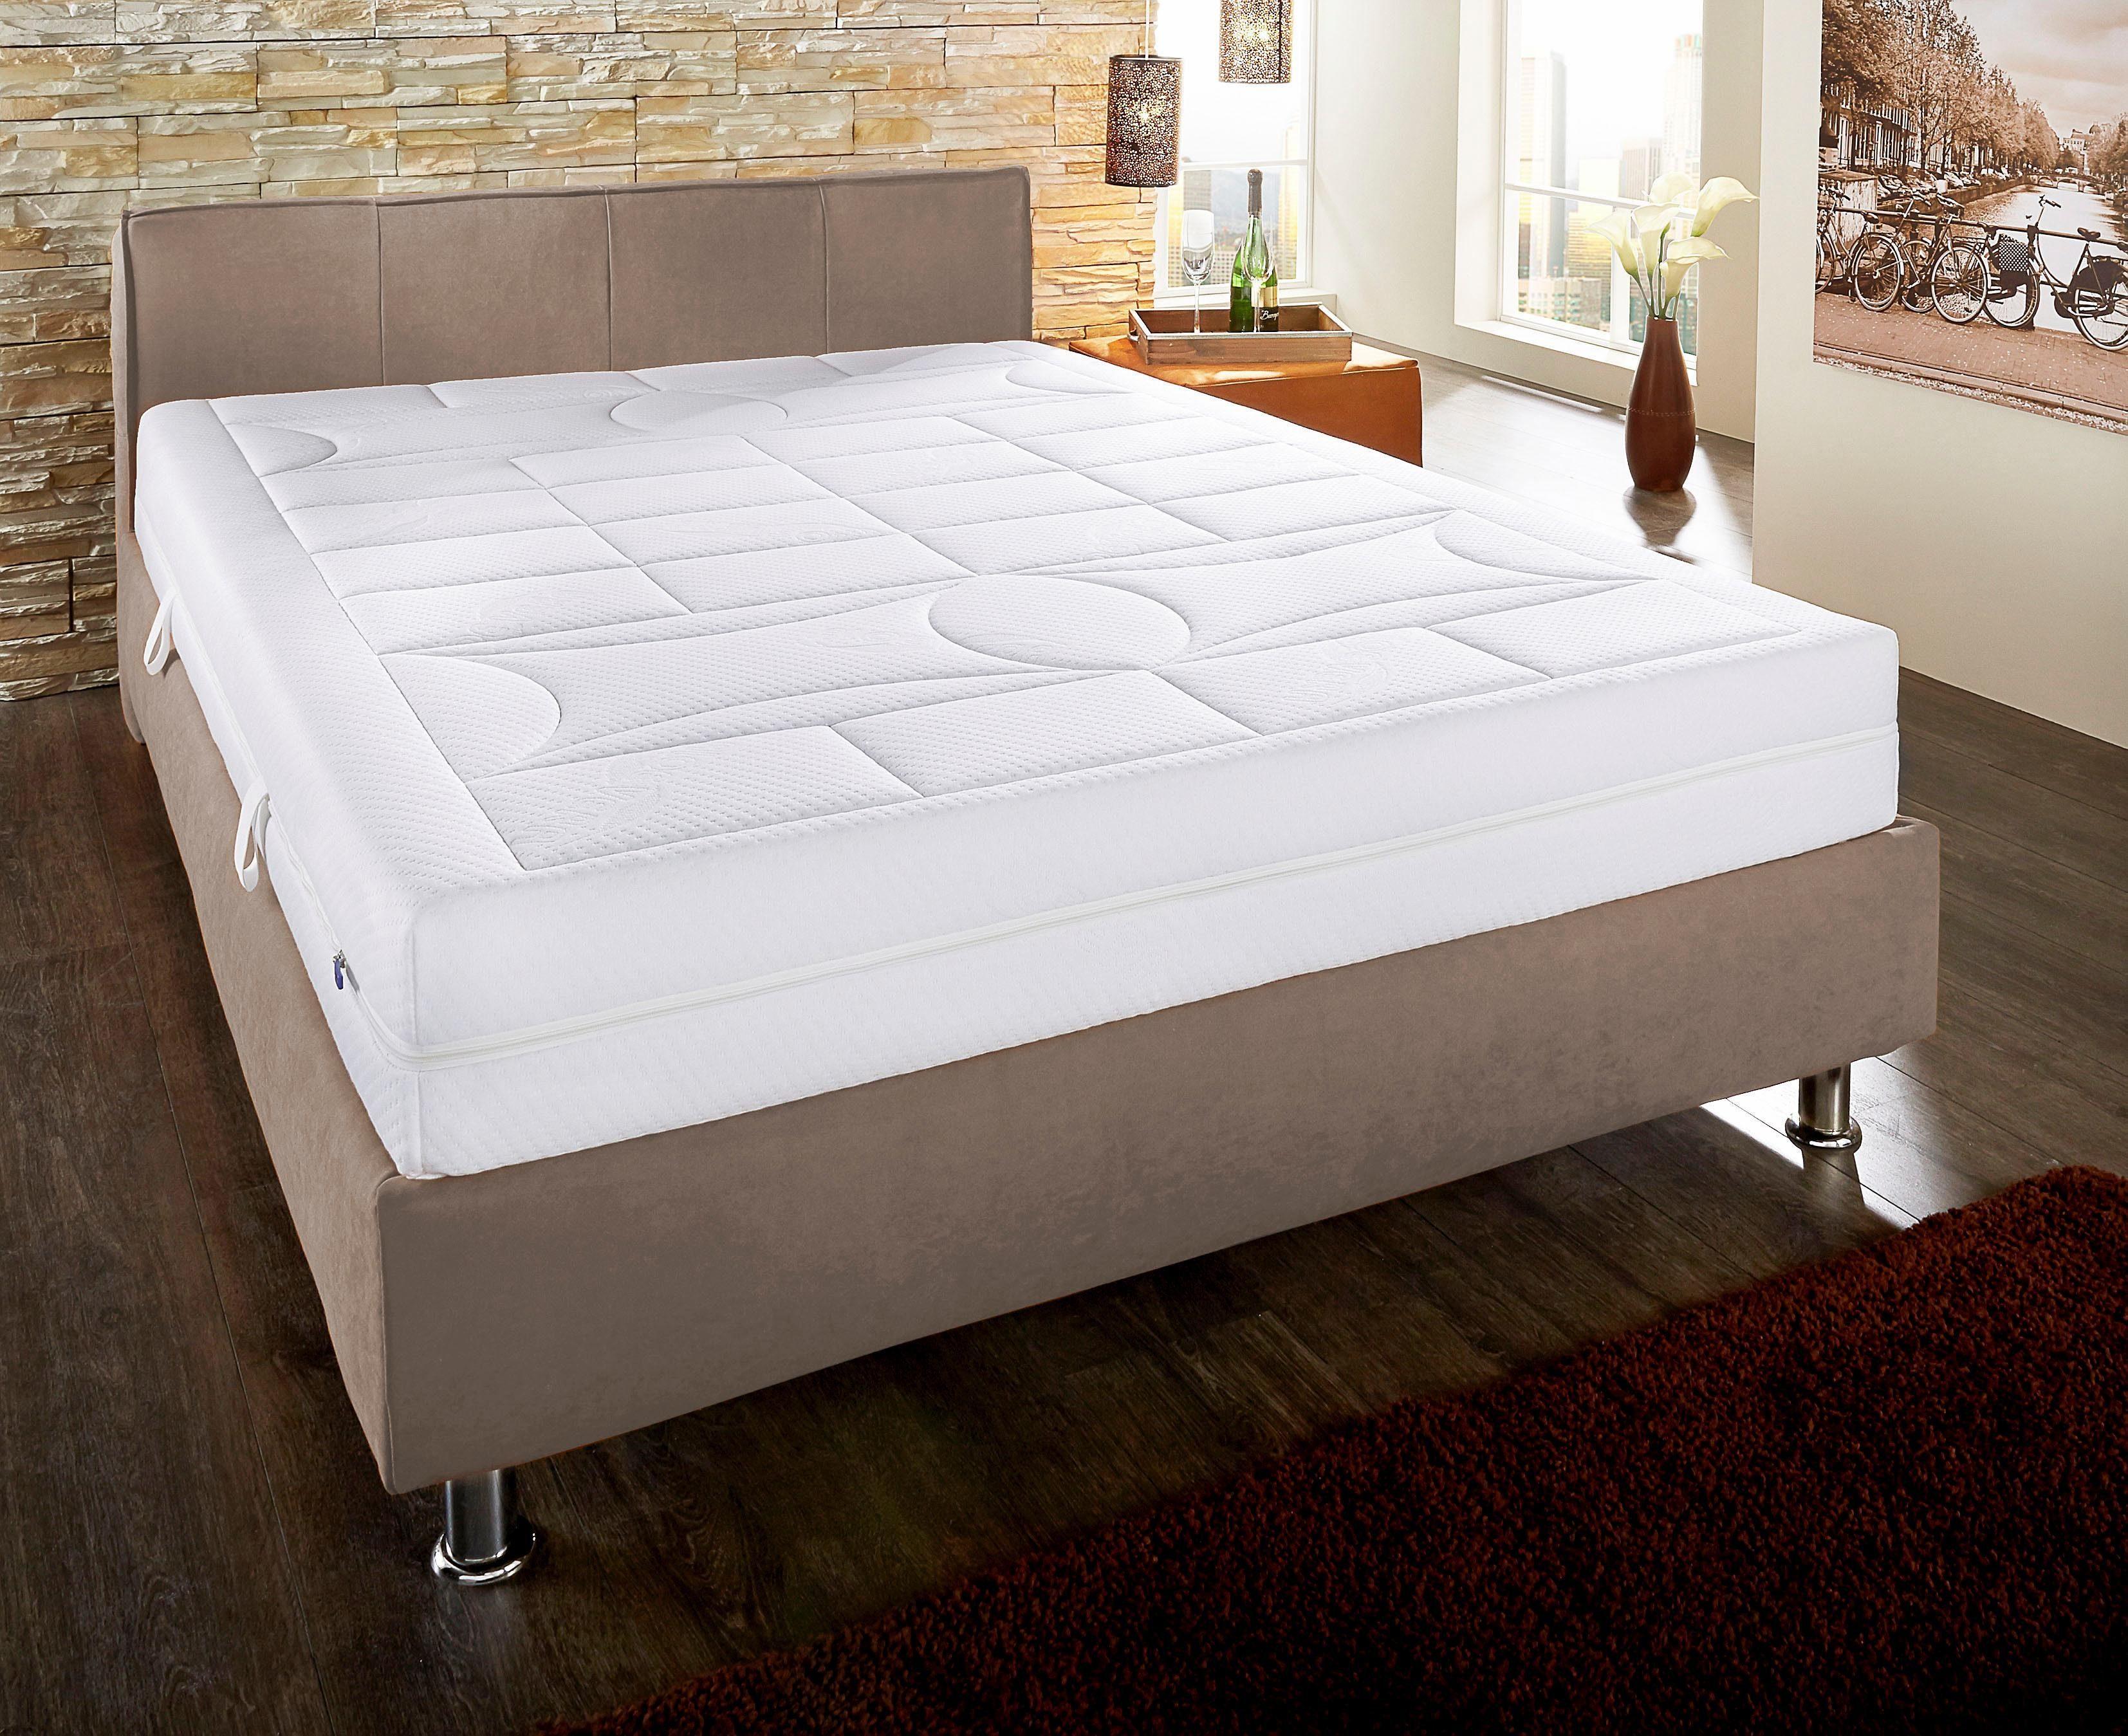 62 sparen 7 zonen spezialkaltschaummatratze xxl von malie nur 249 99 cherry m bel yourhome. Black Bedroom Furniture Sets. Home Design Ideas